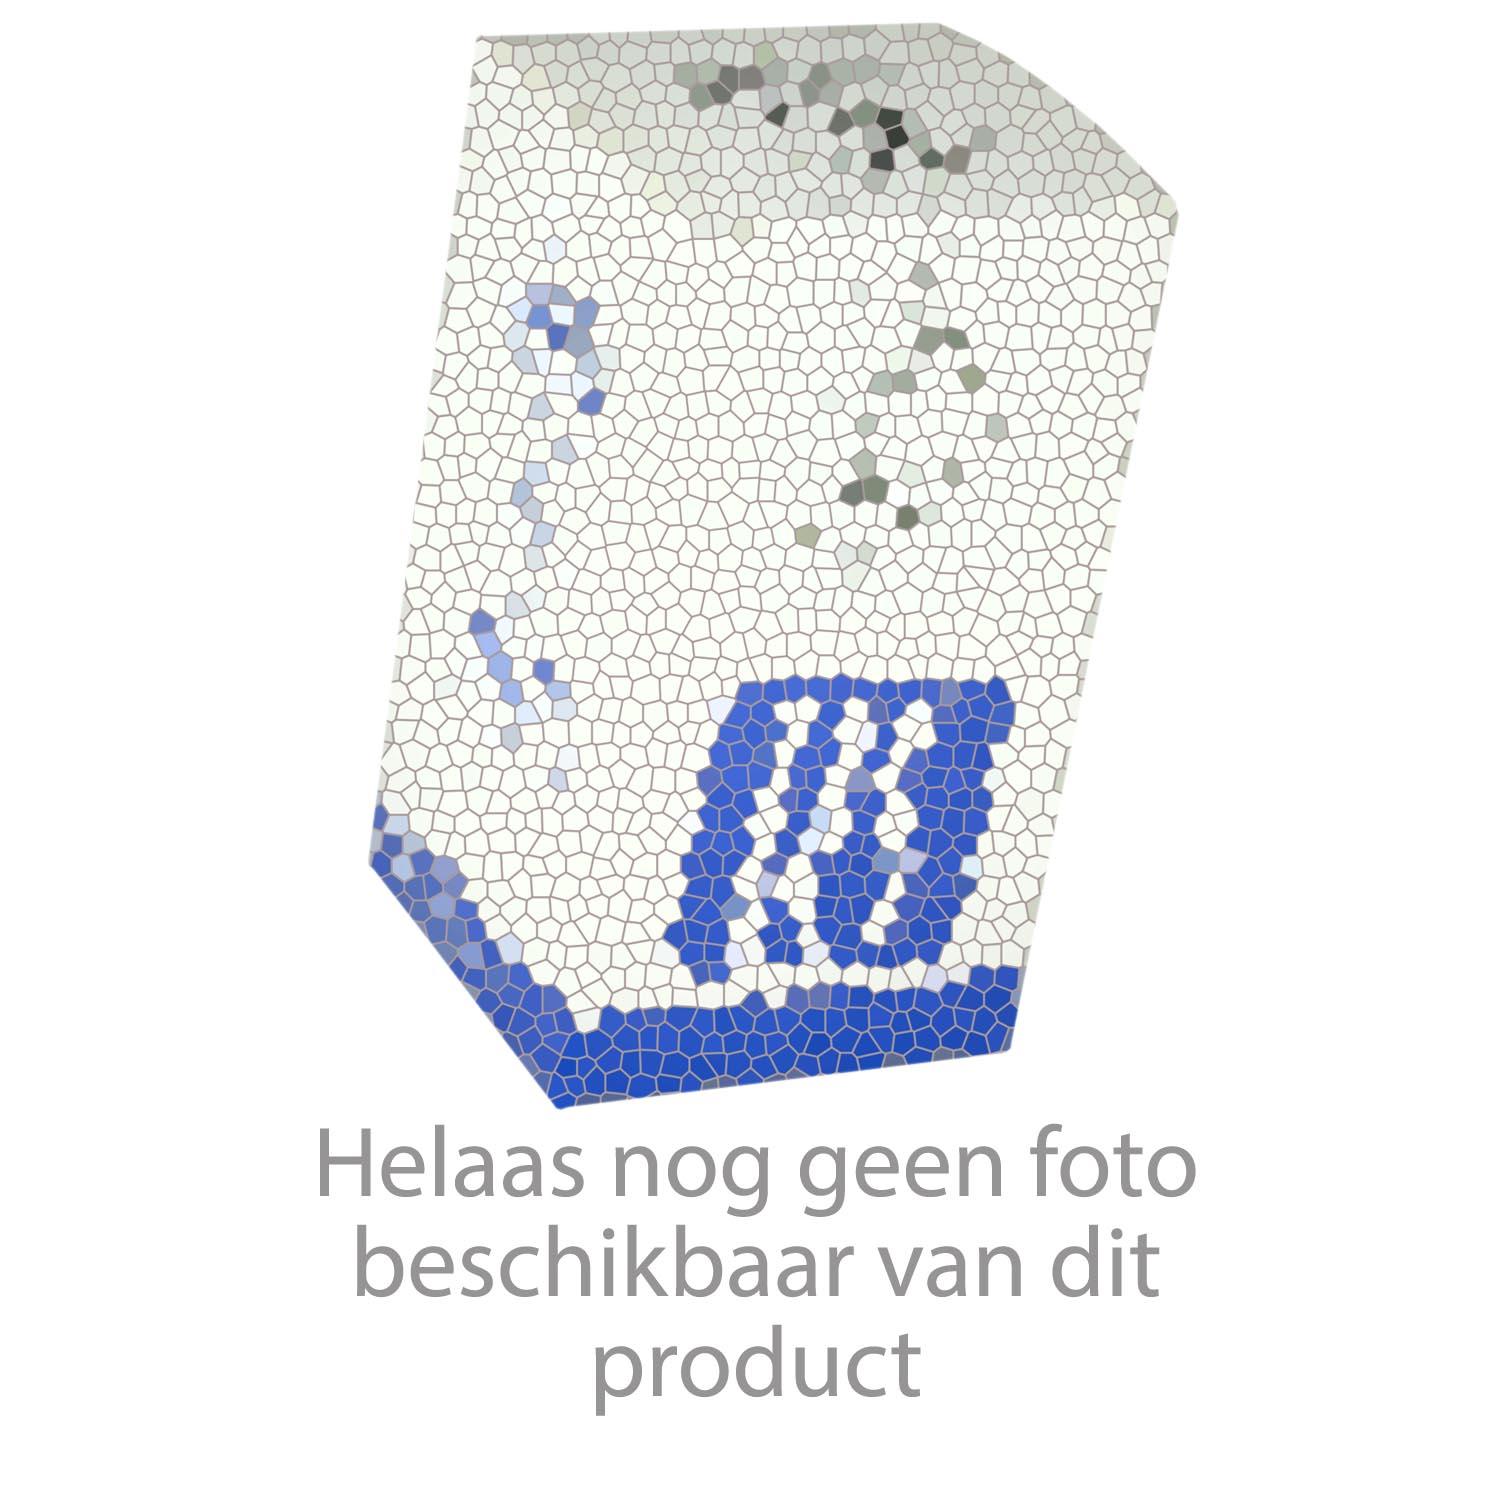 Damixa P Ix.Damixa Onderdelen Merkur Keukenkraan Oud En Nieuw 14000 00